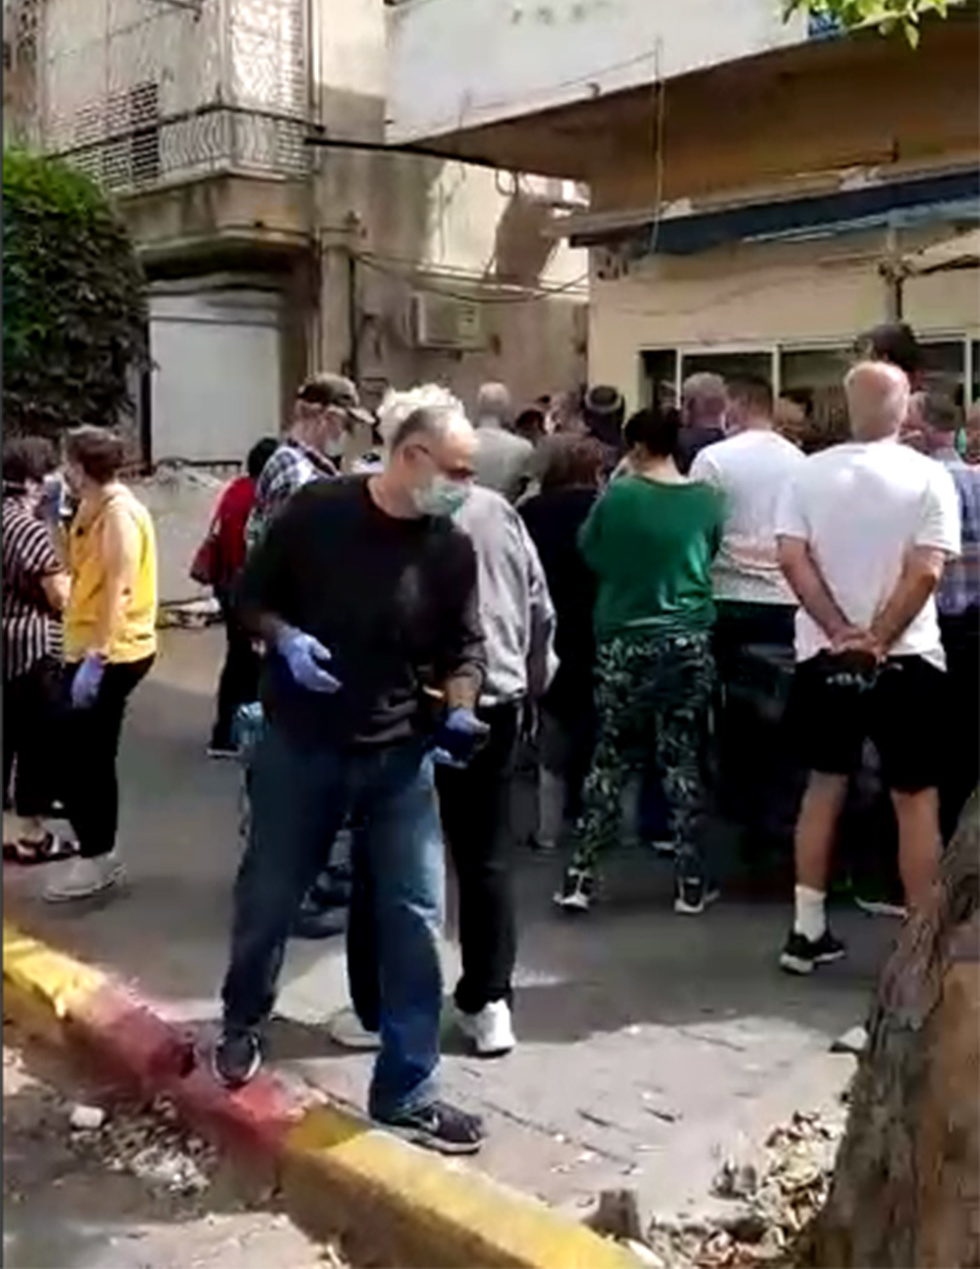 עומסים מחוץ לחנויות של ביצים לקראת חג הפסח ובצל התפשטות נגיף הקורונה ()